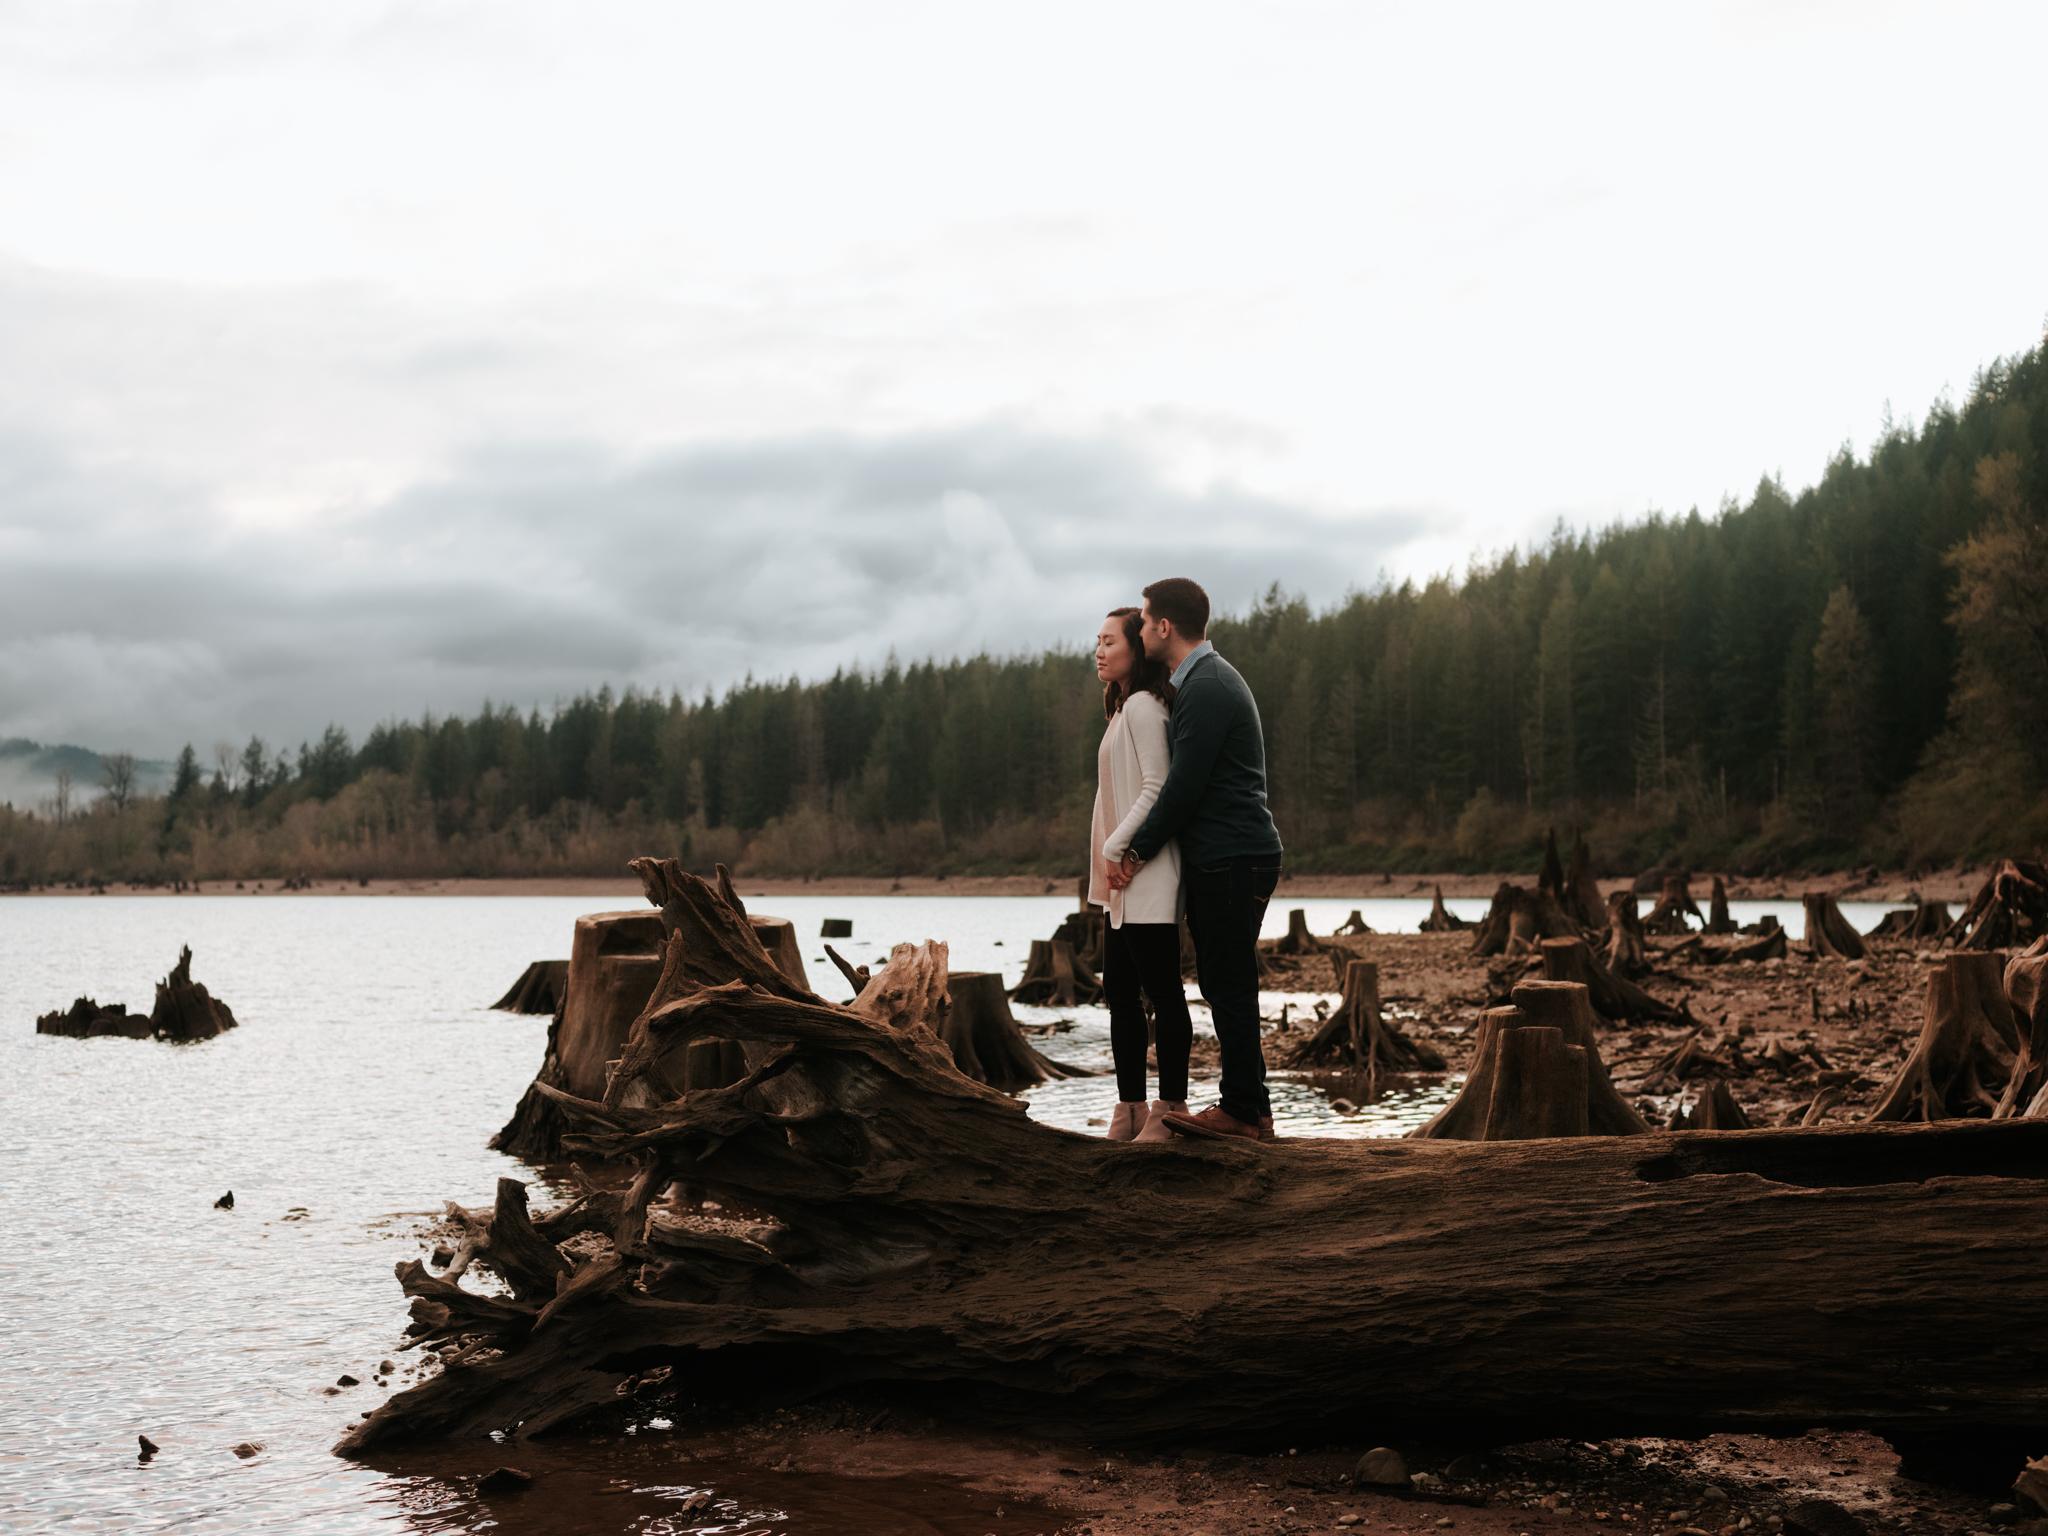 Seattle Engagement Photographer_Stolen Glimpses 58.jpg